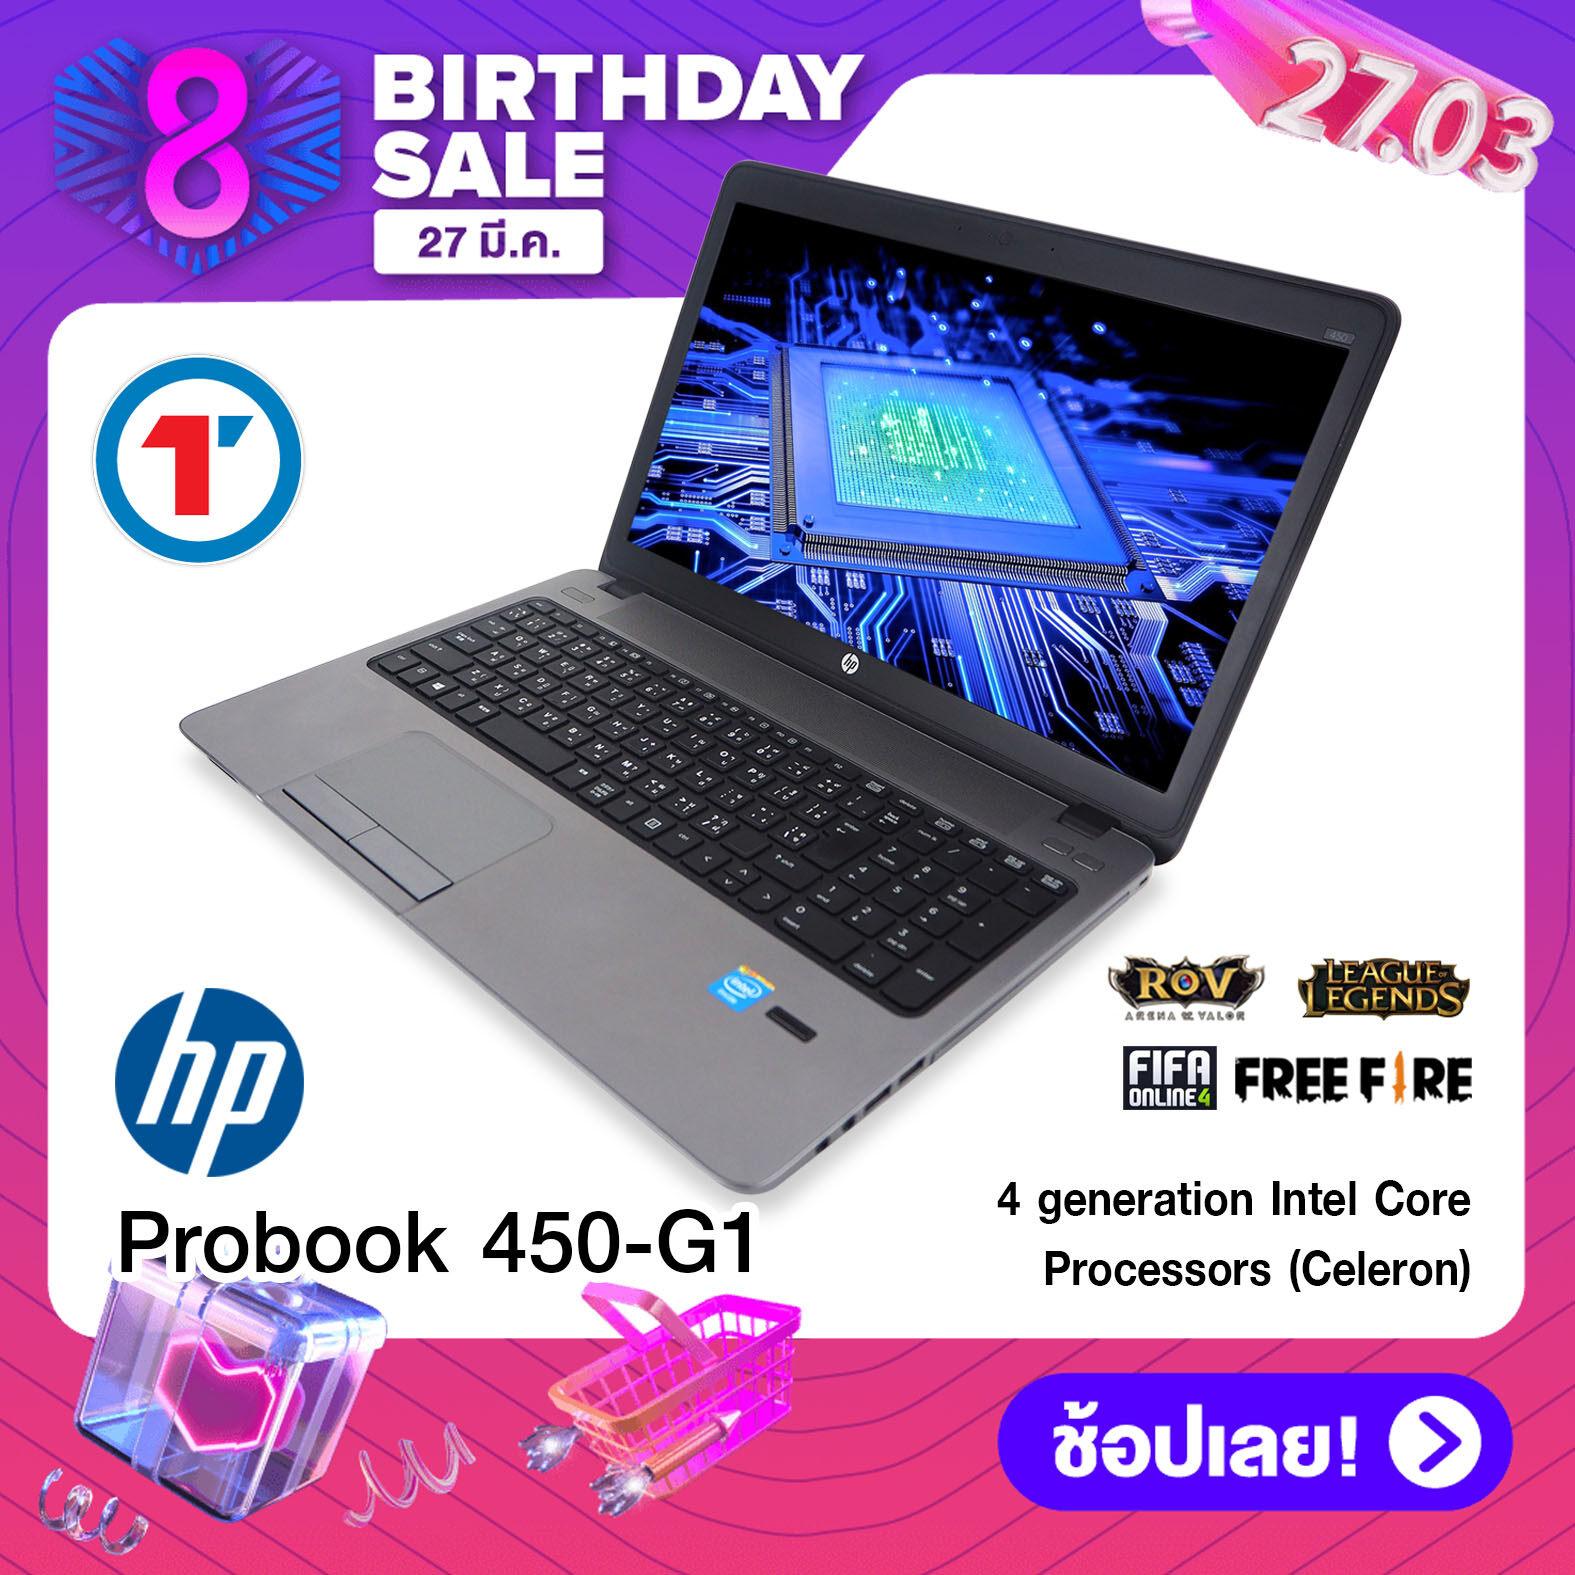 โน๊ตบุ๊ค Hp Probook 450g1 - Ram 4gb Hdd 320gb สภาพดี!! มีประกัน!! By Totalsolution.